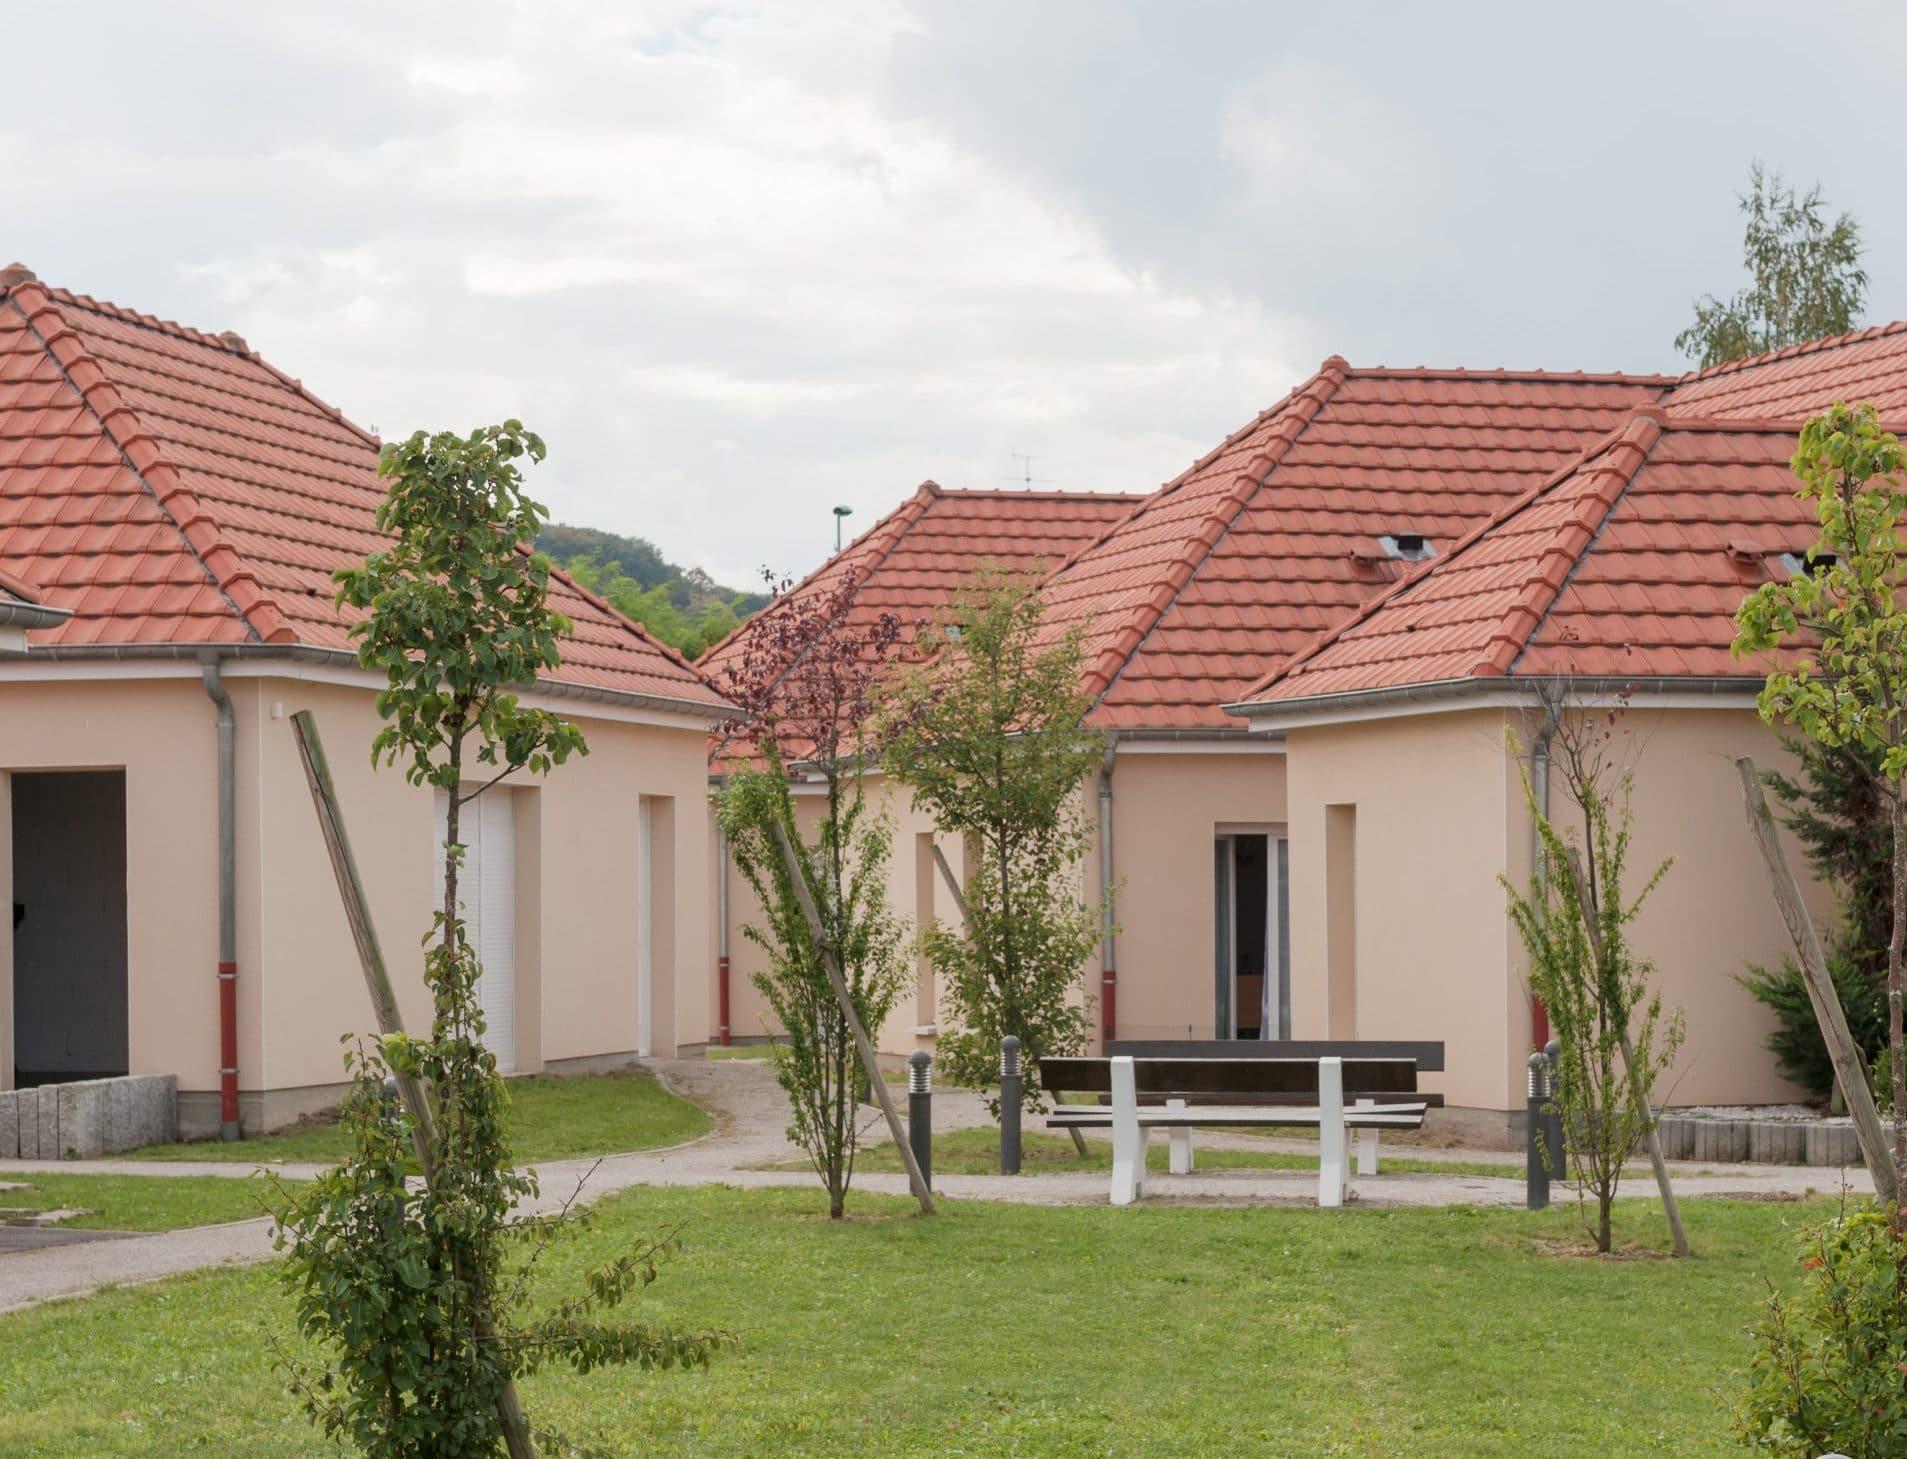 Papy-loft à Forbach